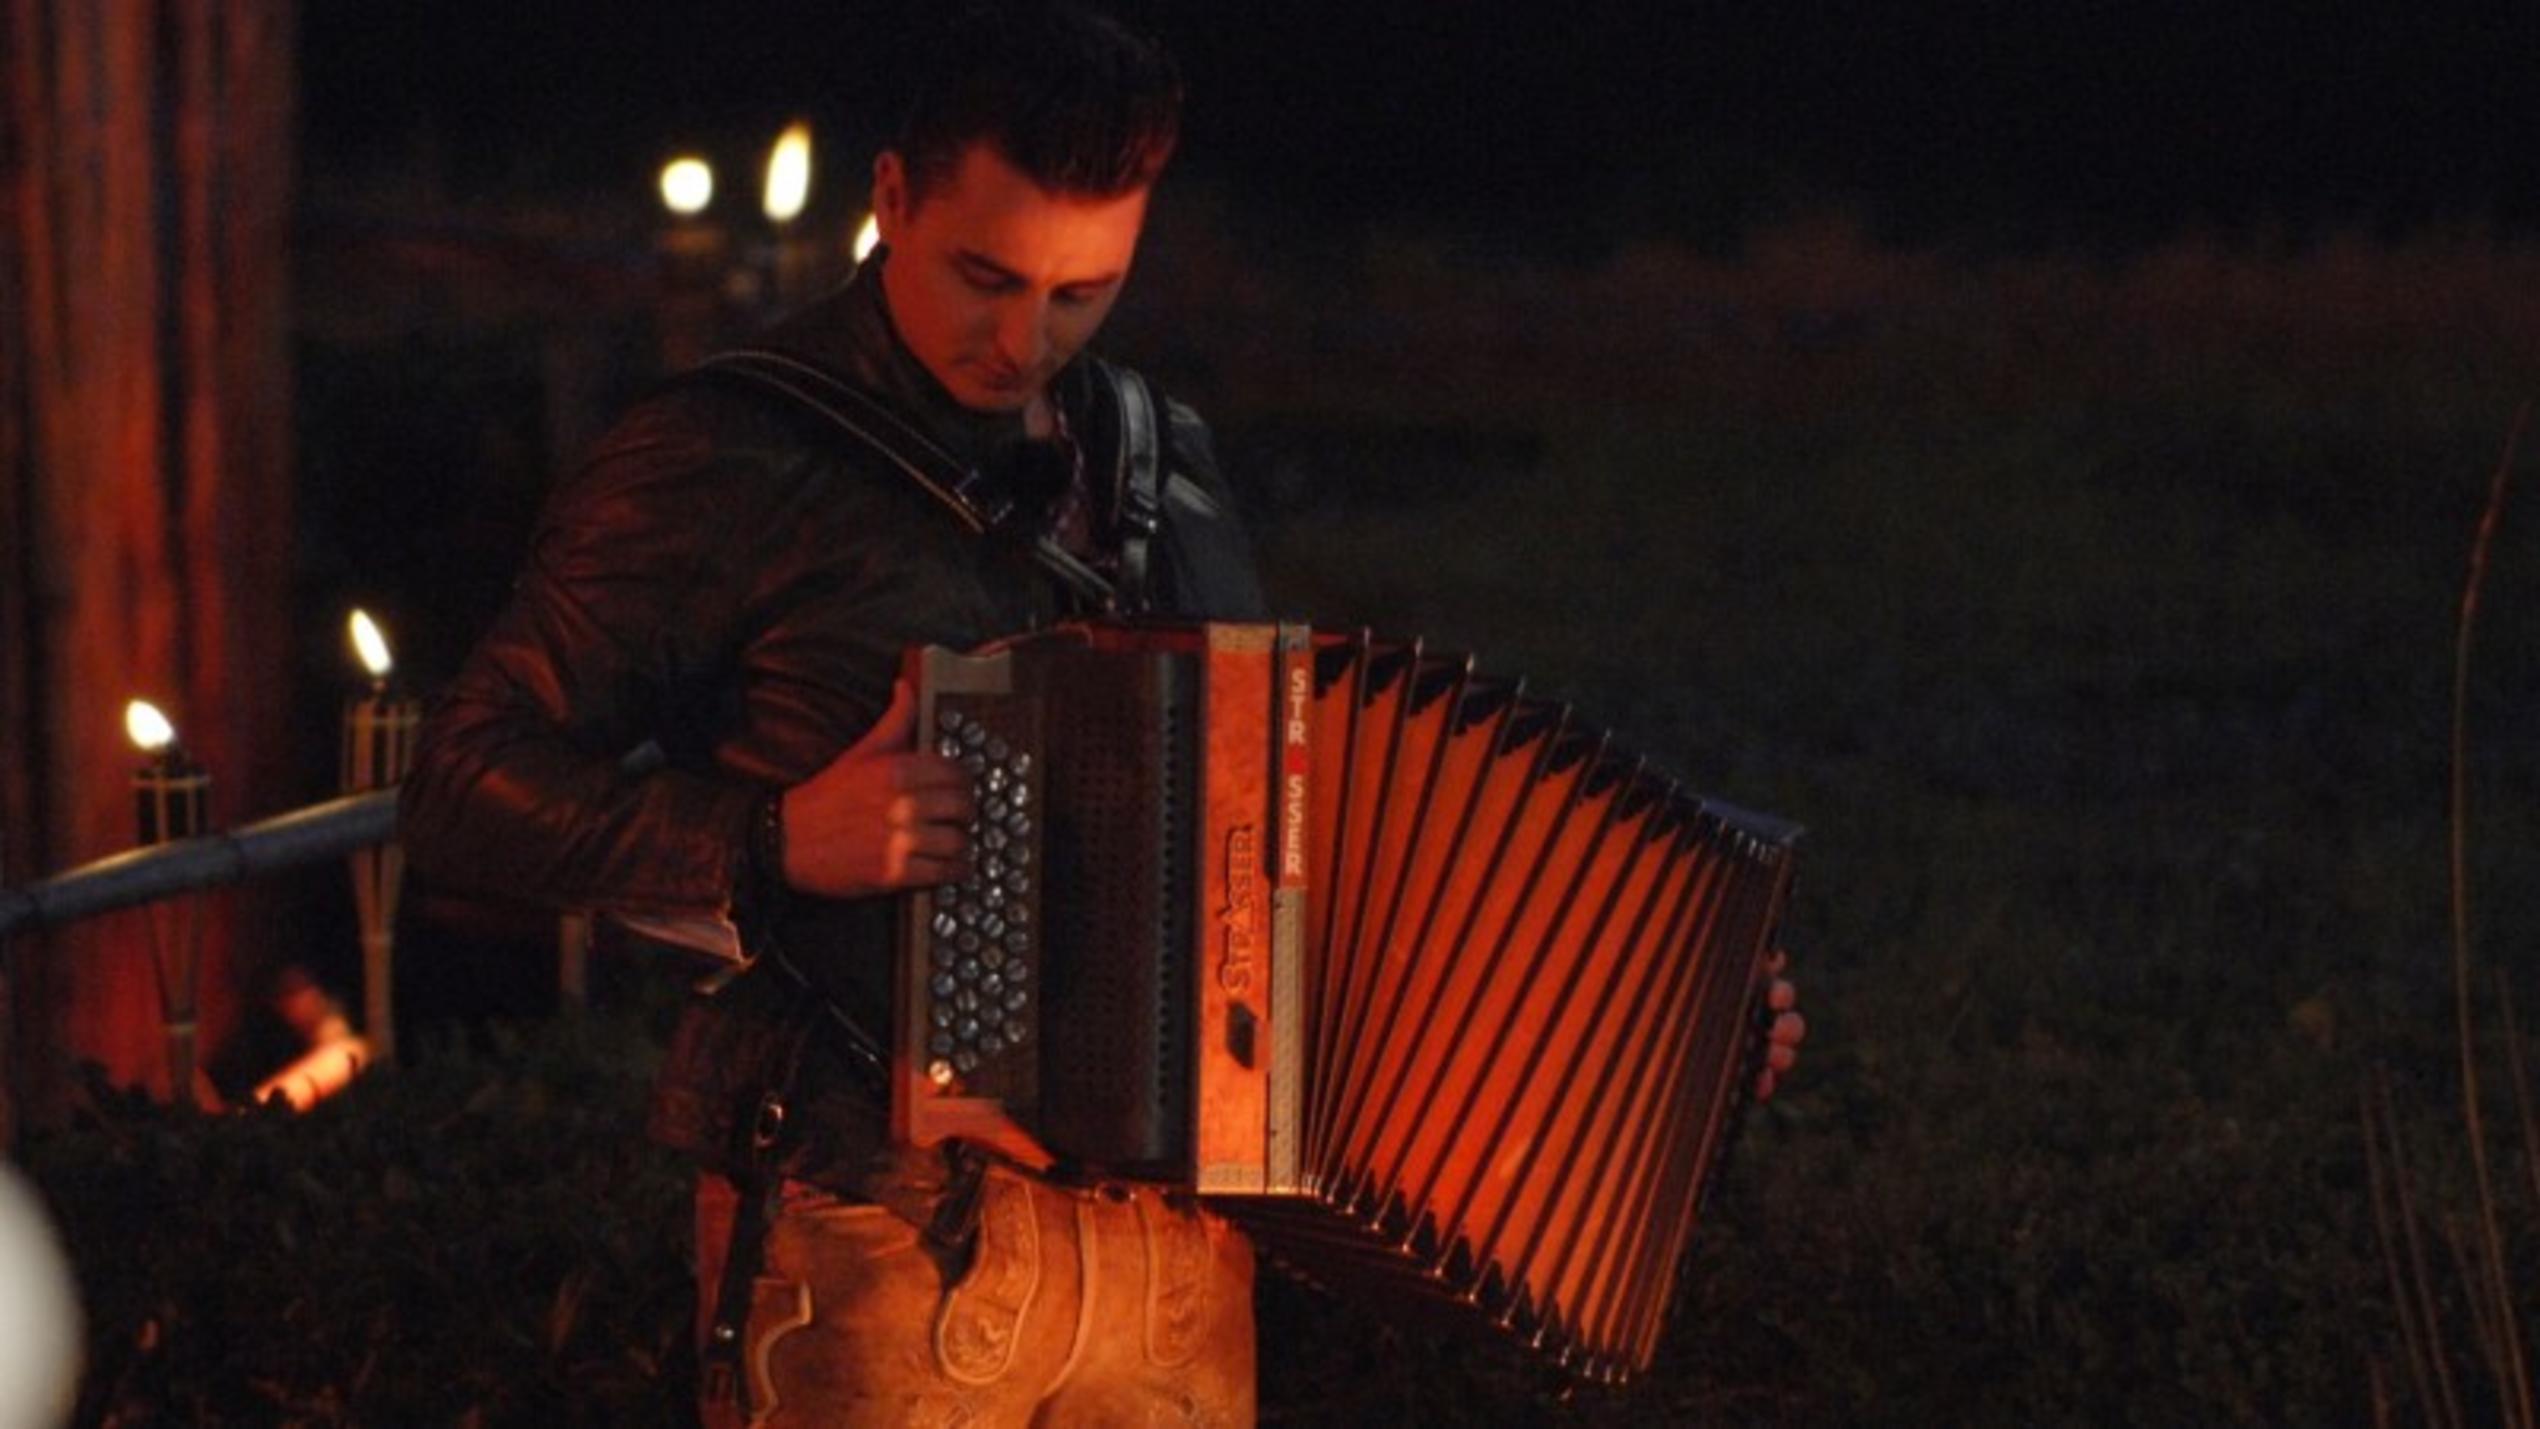 Sing meinen Song: Andreas Gabalier eröffnet das Tauschkonzert